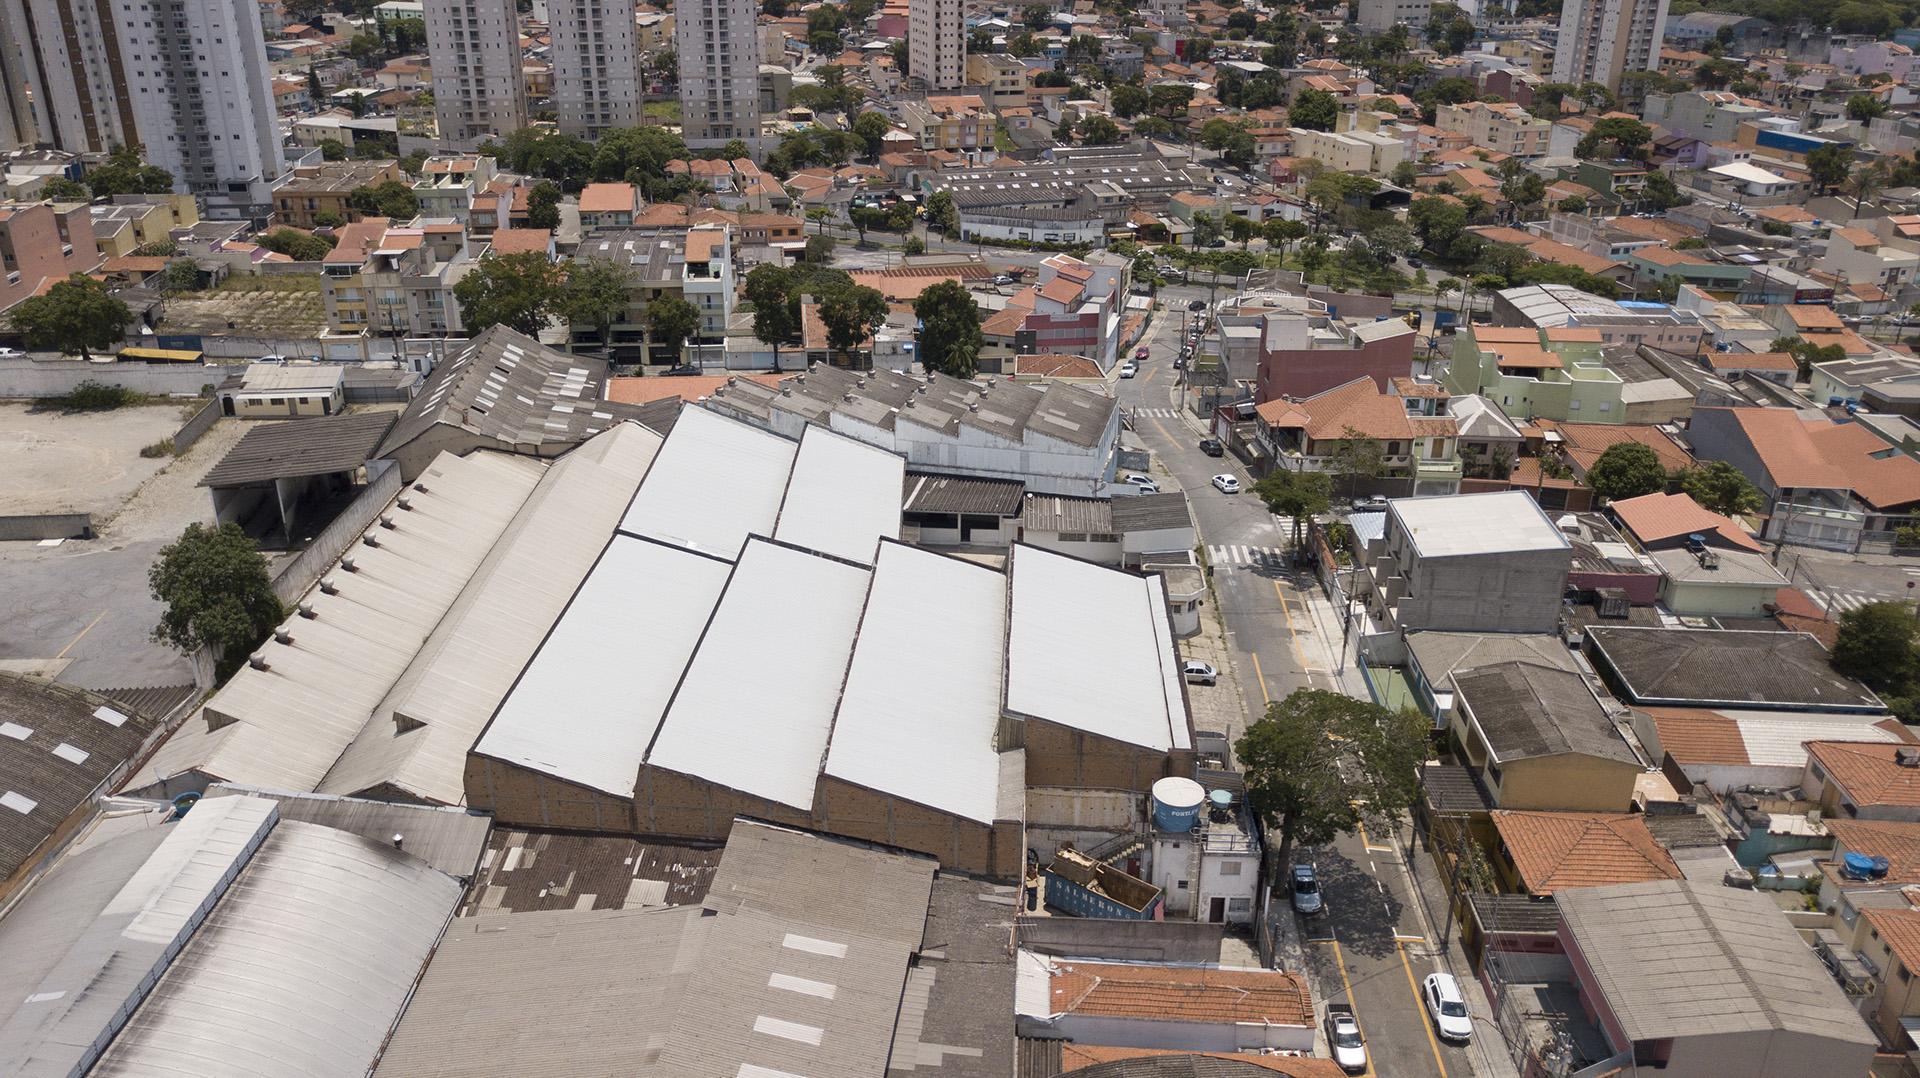 macla empreendimentos e participacoes - atento brasil